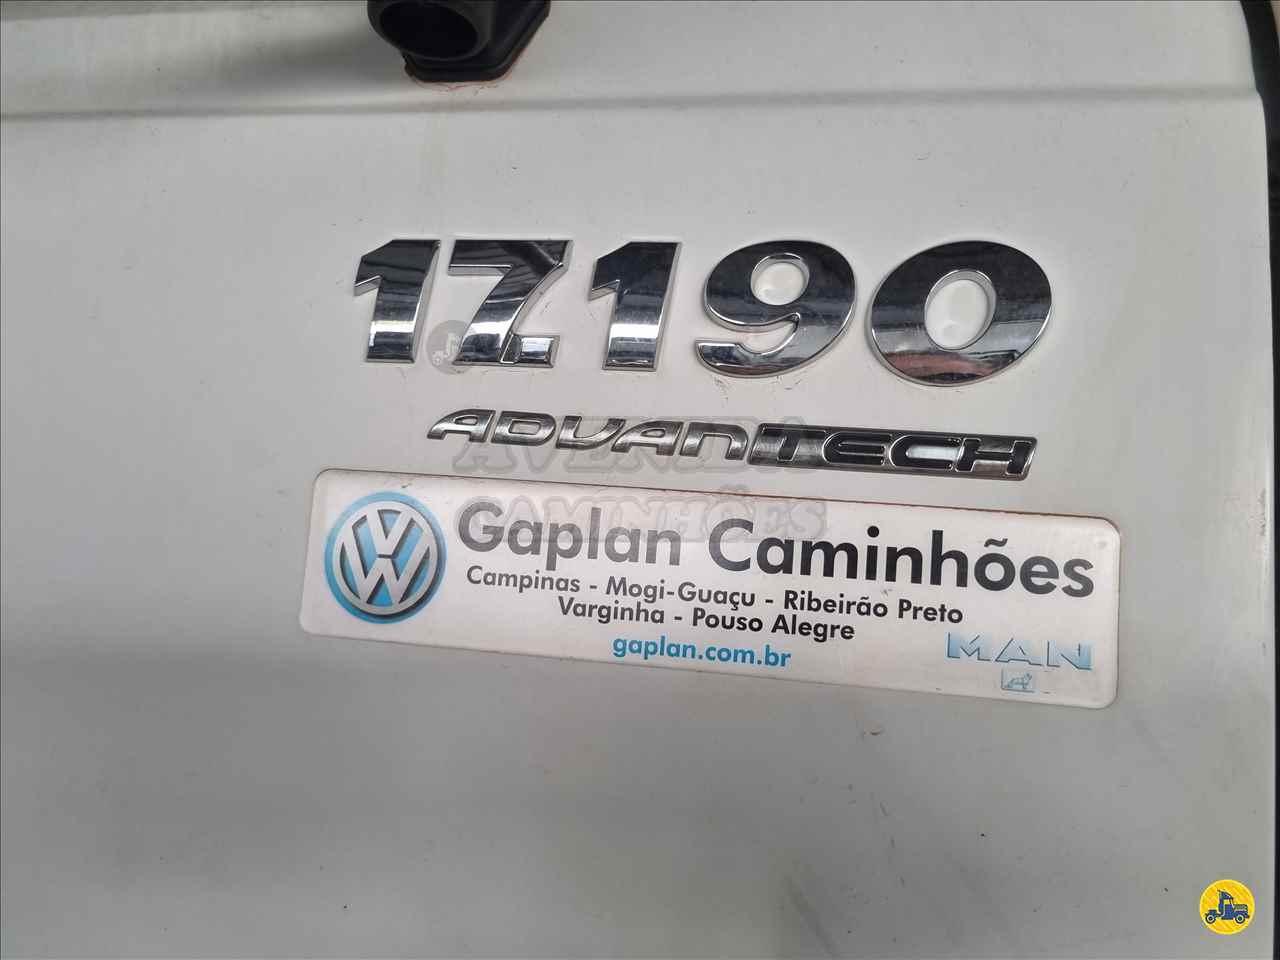 VW 17190 de Avenida Caminhões - BRODOWSKI/SP